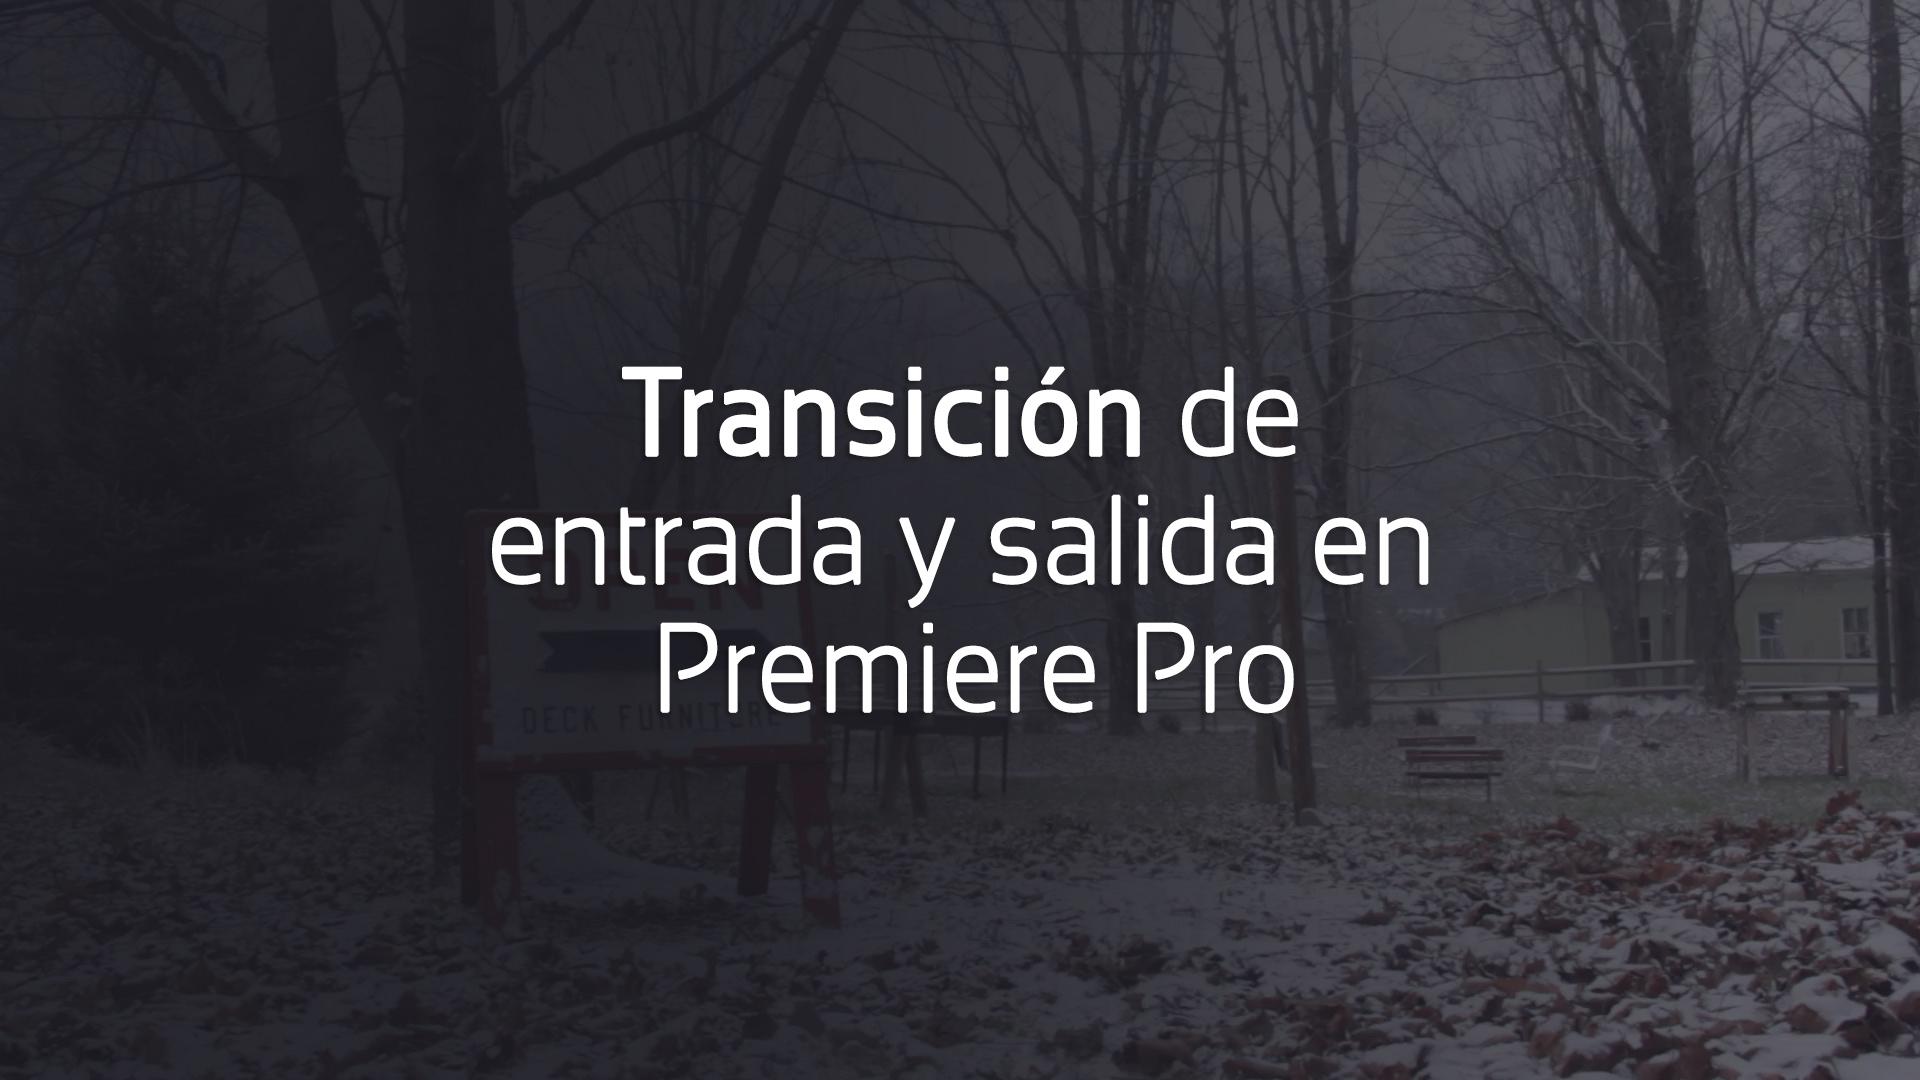 transición animación entrada salida premiere pro cover